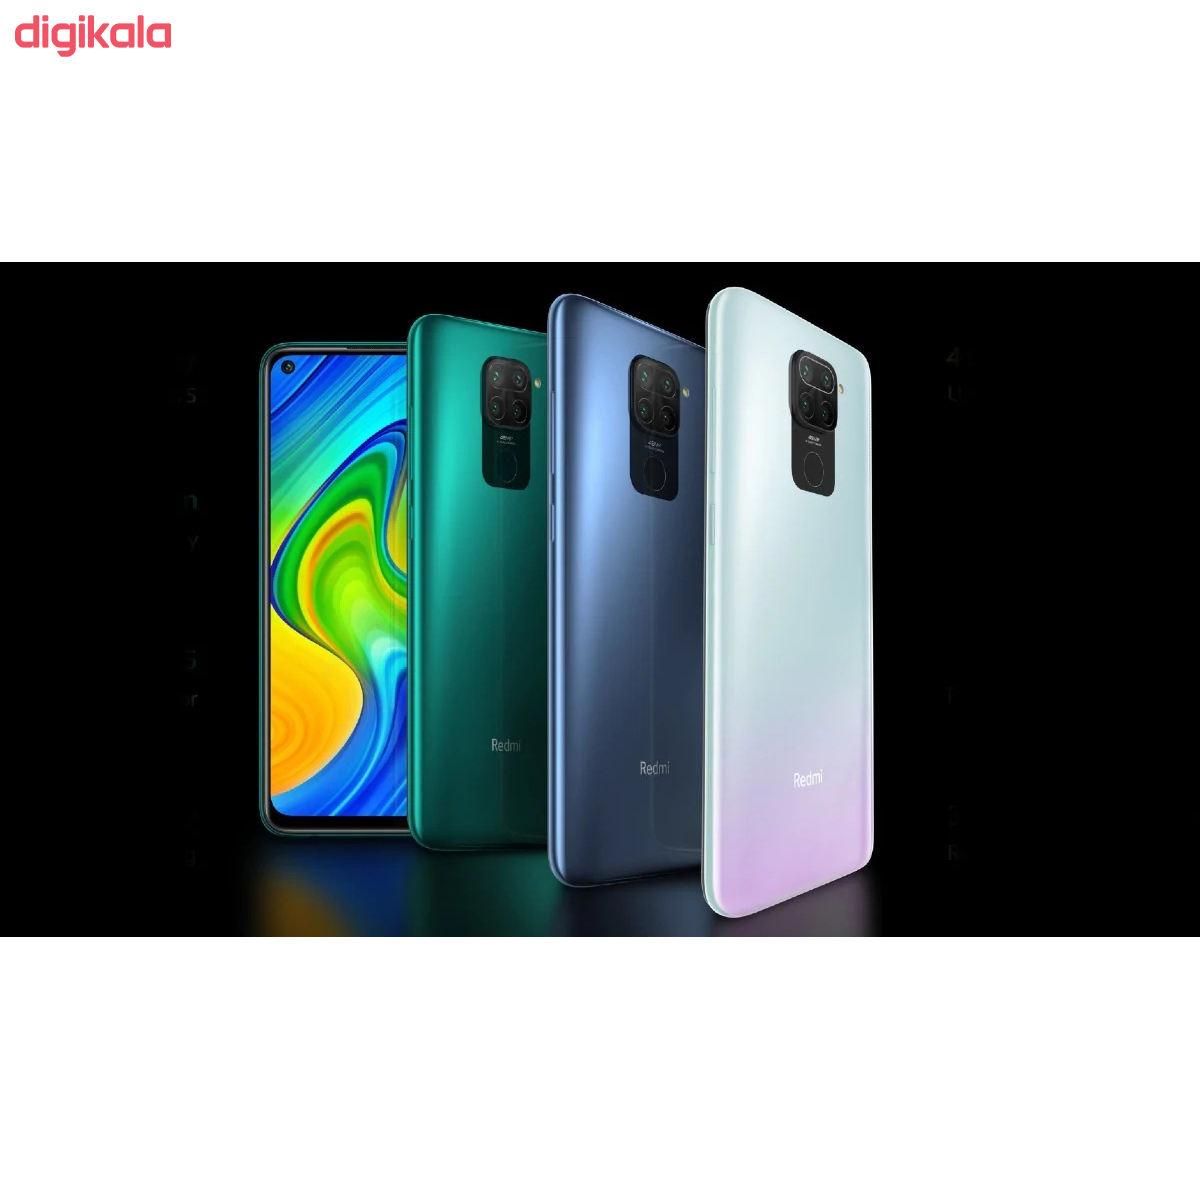 گوشی موبایل شیائومی مدل Redmi Note 9 M2003J15SS دو سیم کارت ظرفیت 128 گیگابایت و رم ۴ گیگابایت main 1 3